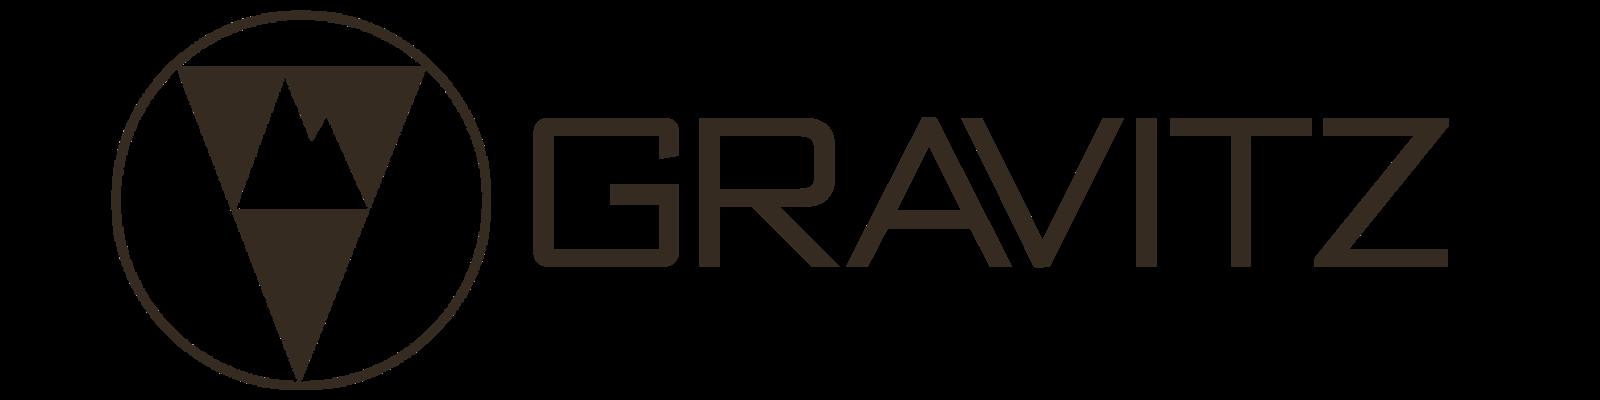 Gravitz